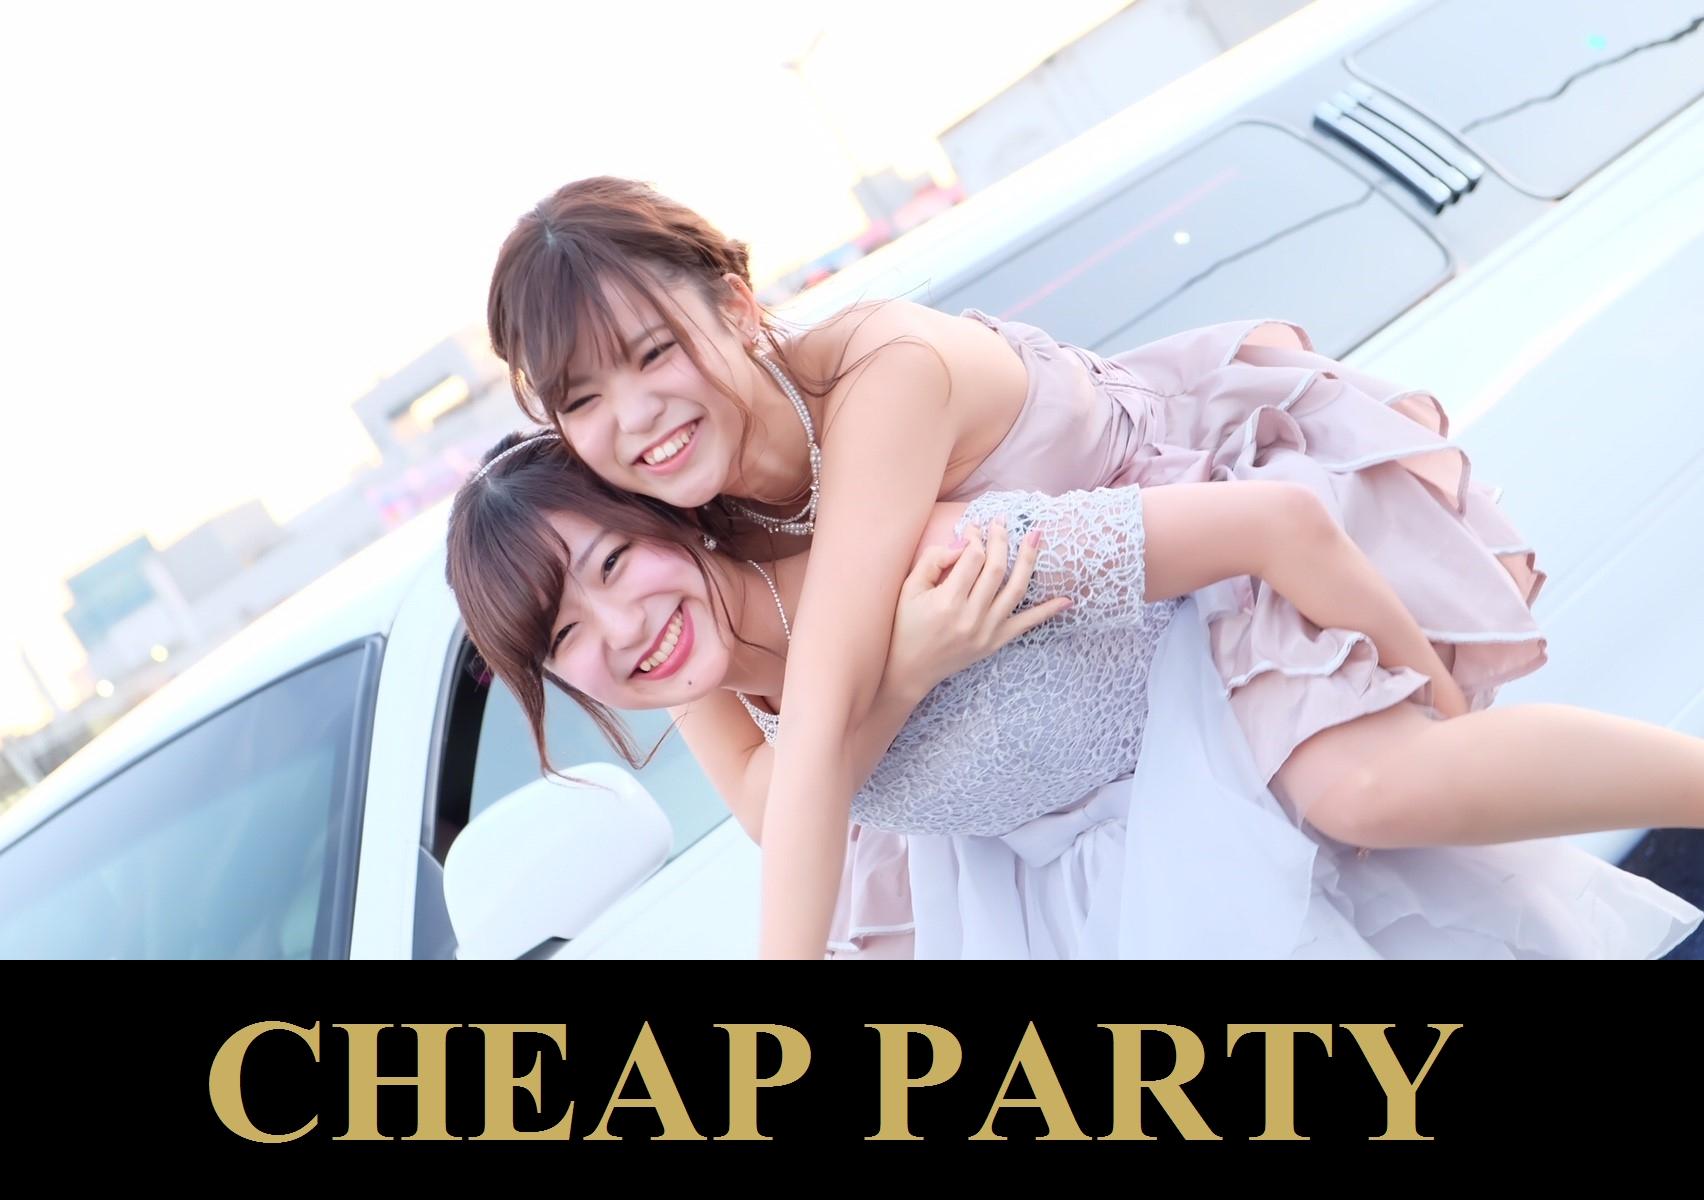 リムジンパーティー格安・リムジンパーティー激安・リムジンパーティー安いでおすすめ高級リムジンパーティーサービスっリムジンパーティー料金で選ぶならお任せ下さい